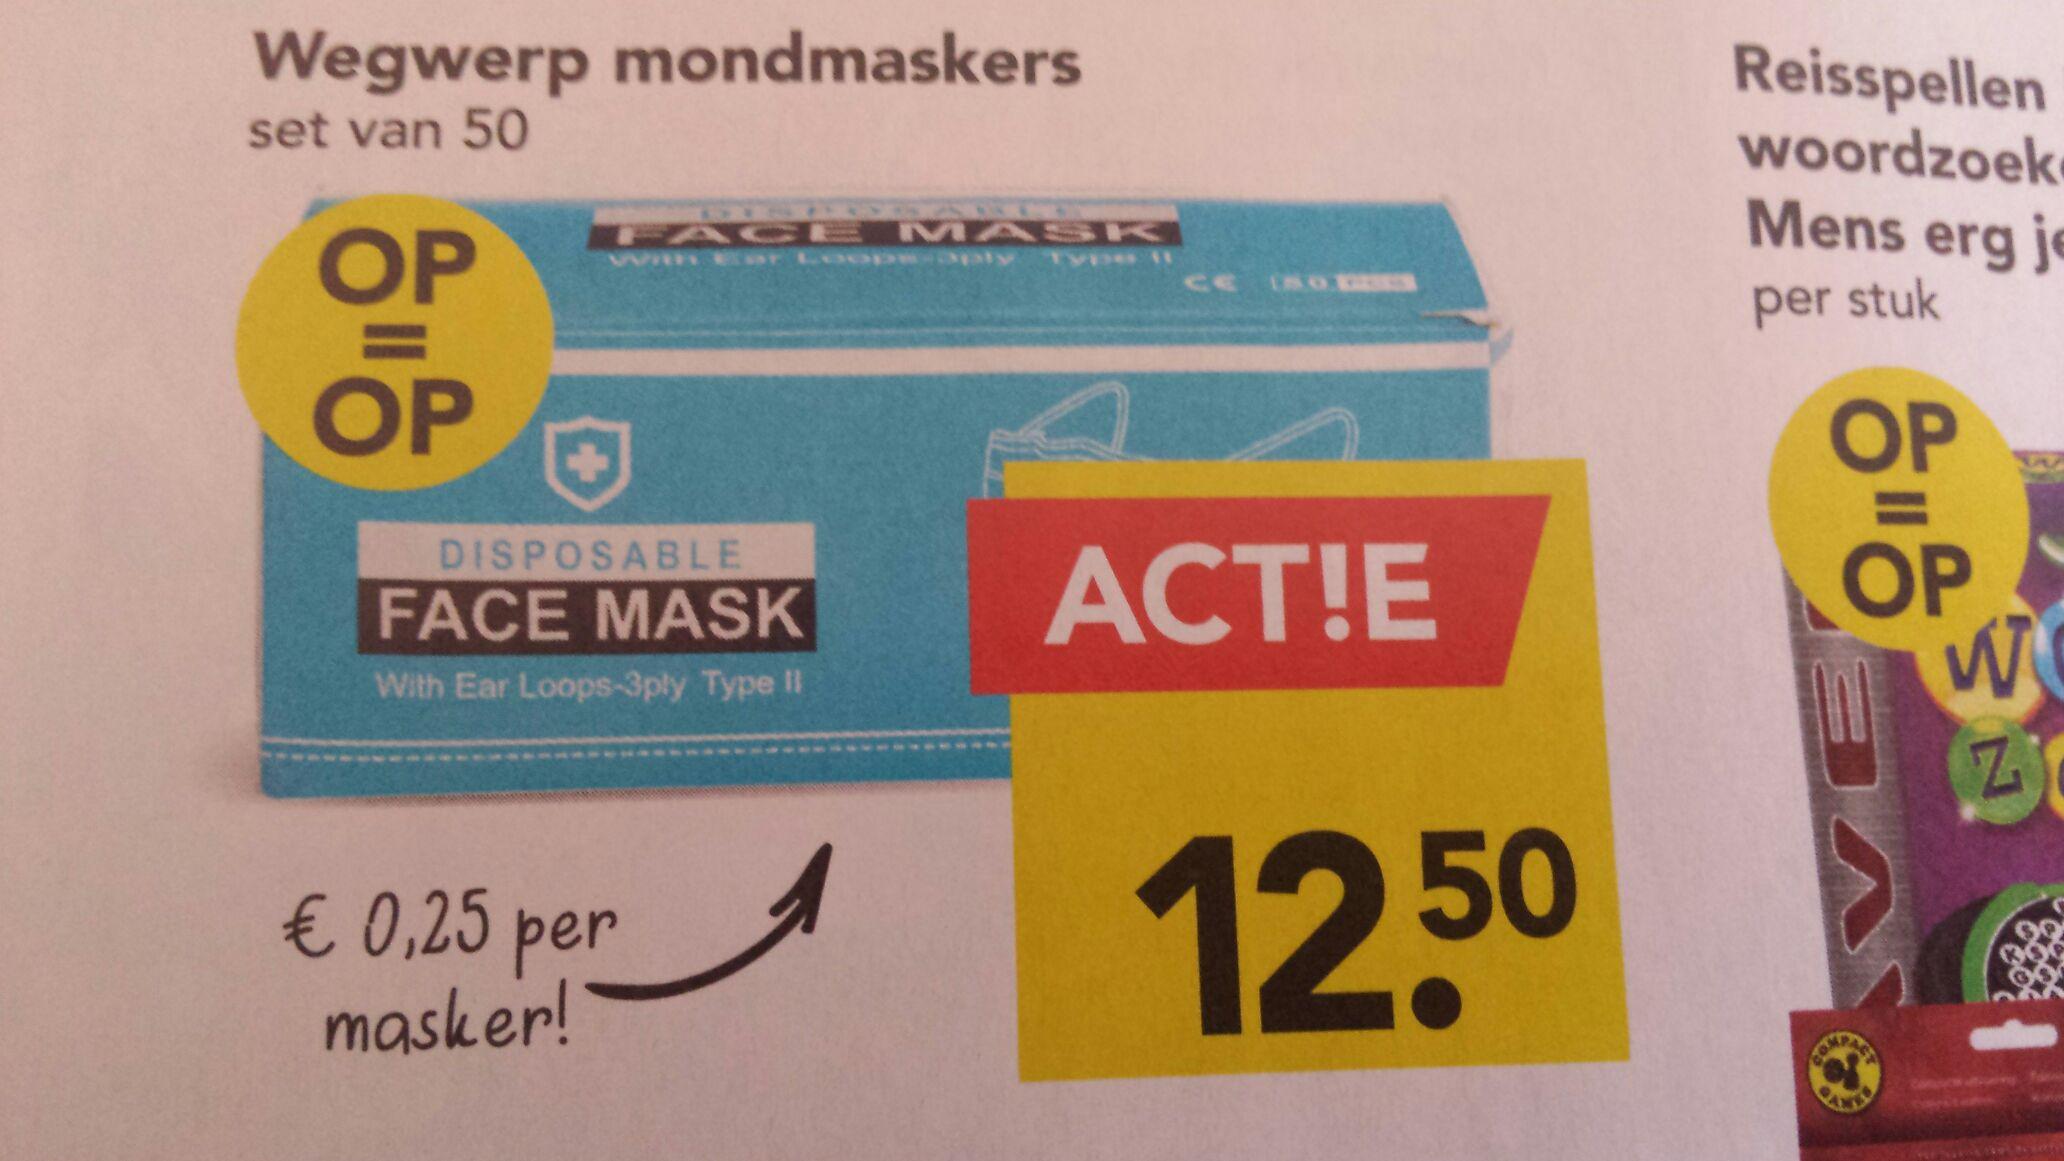 50 wegwerp mondmaskers bij supermarkt Deen in de weekreclame